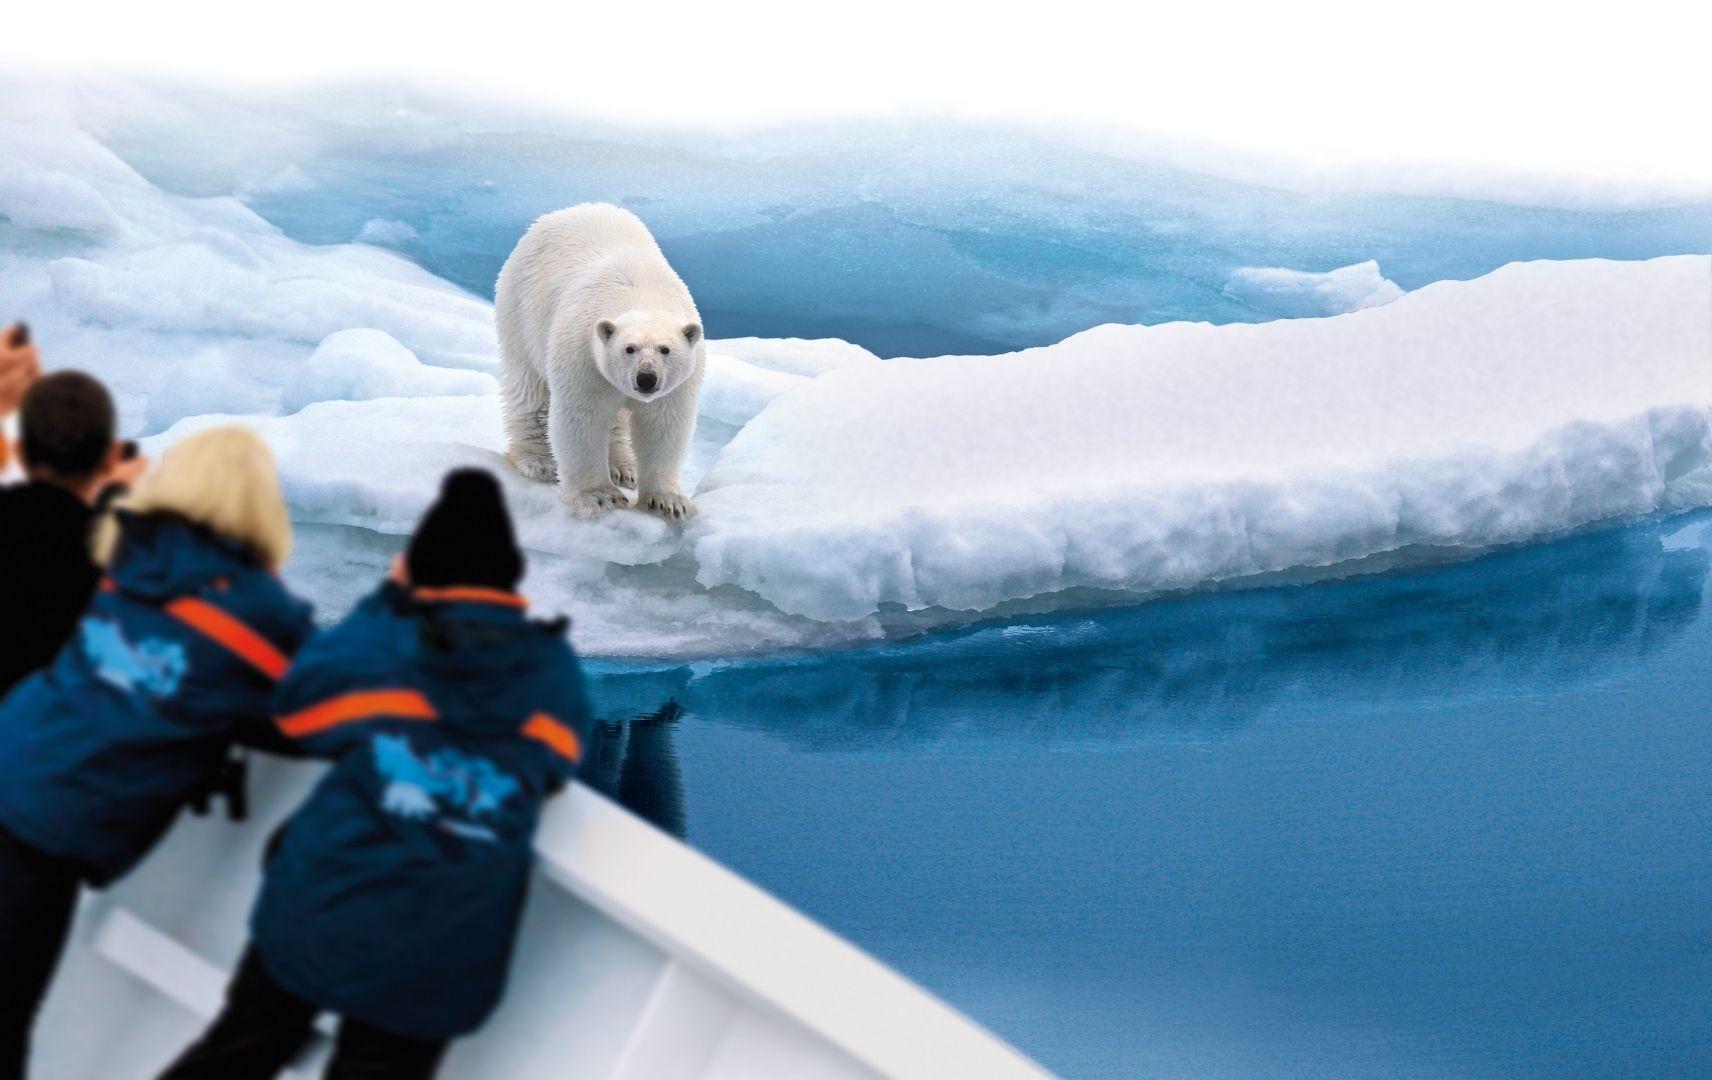 Passagiere an Bord beobachten Eisbär an Land